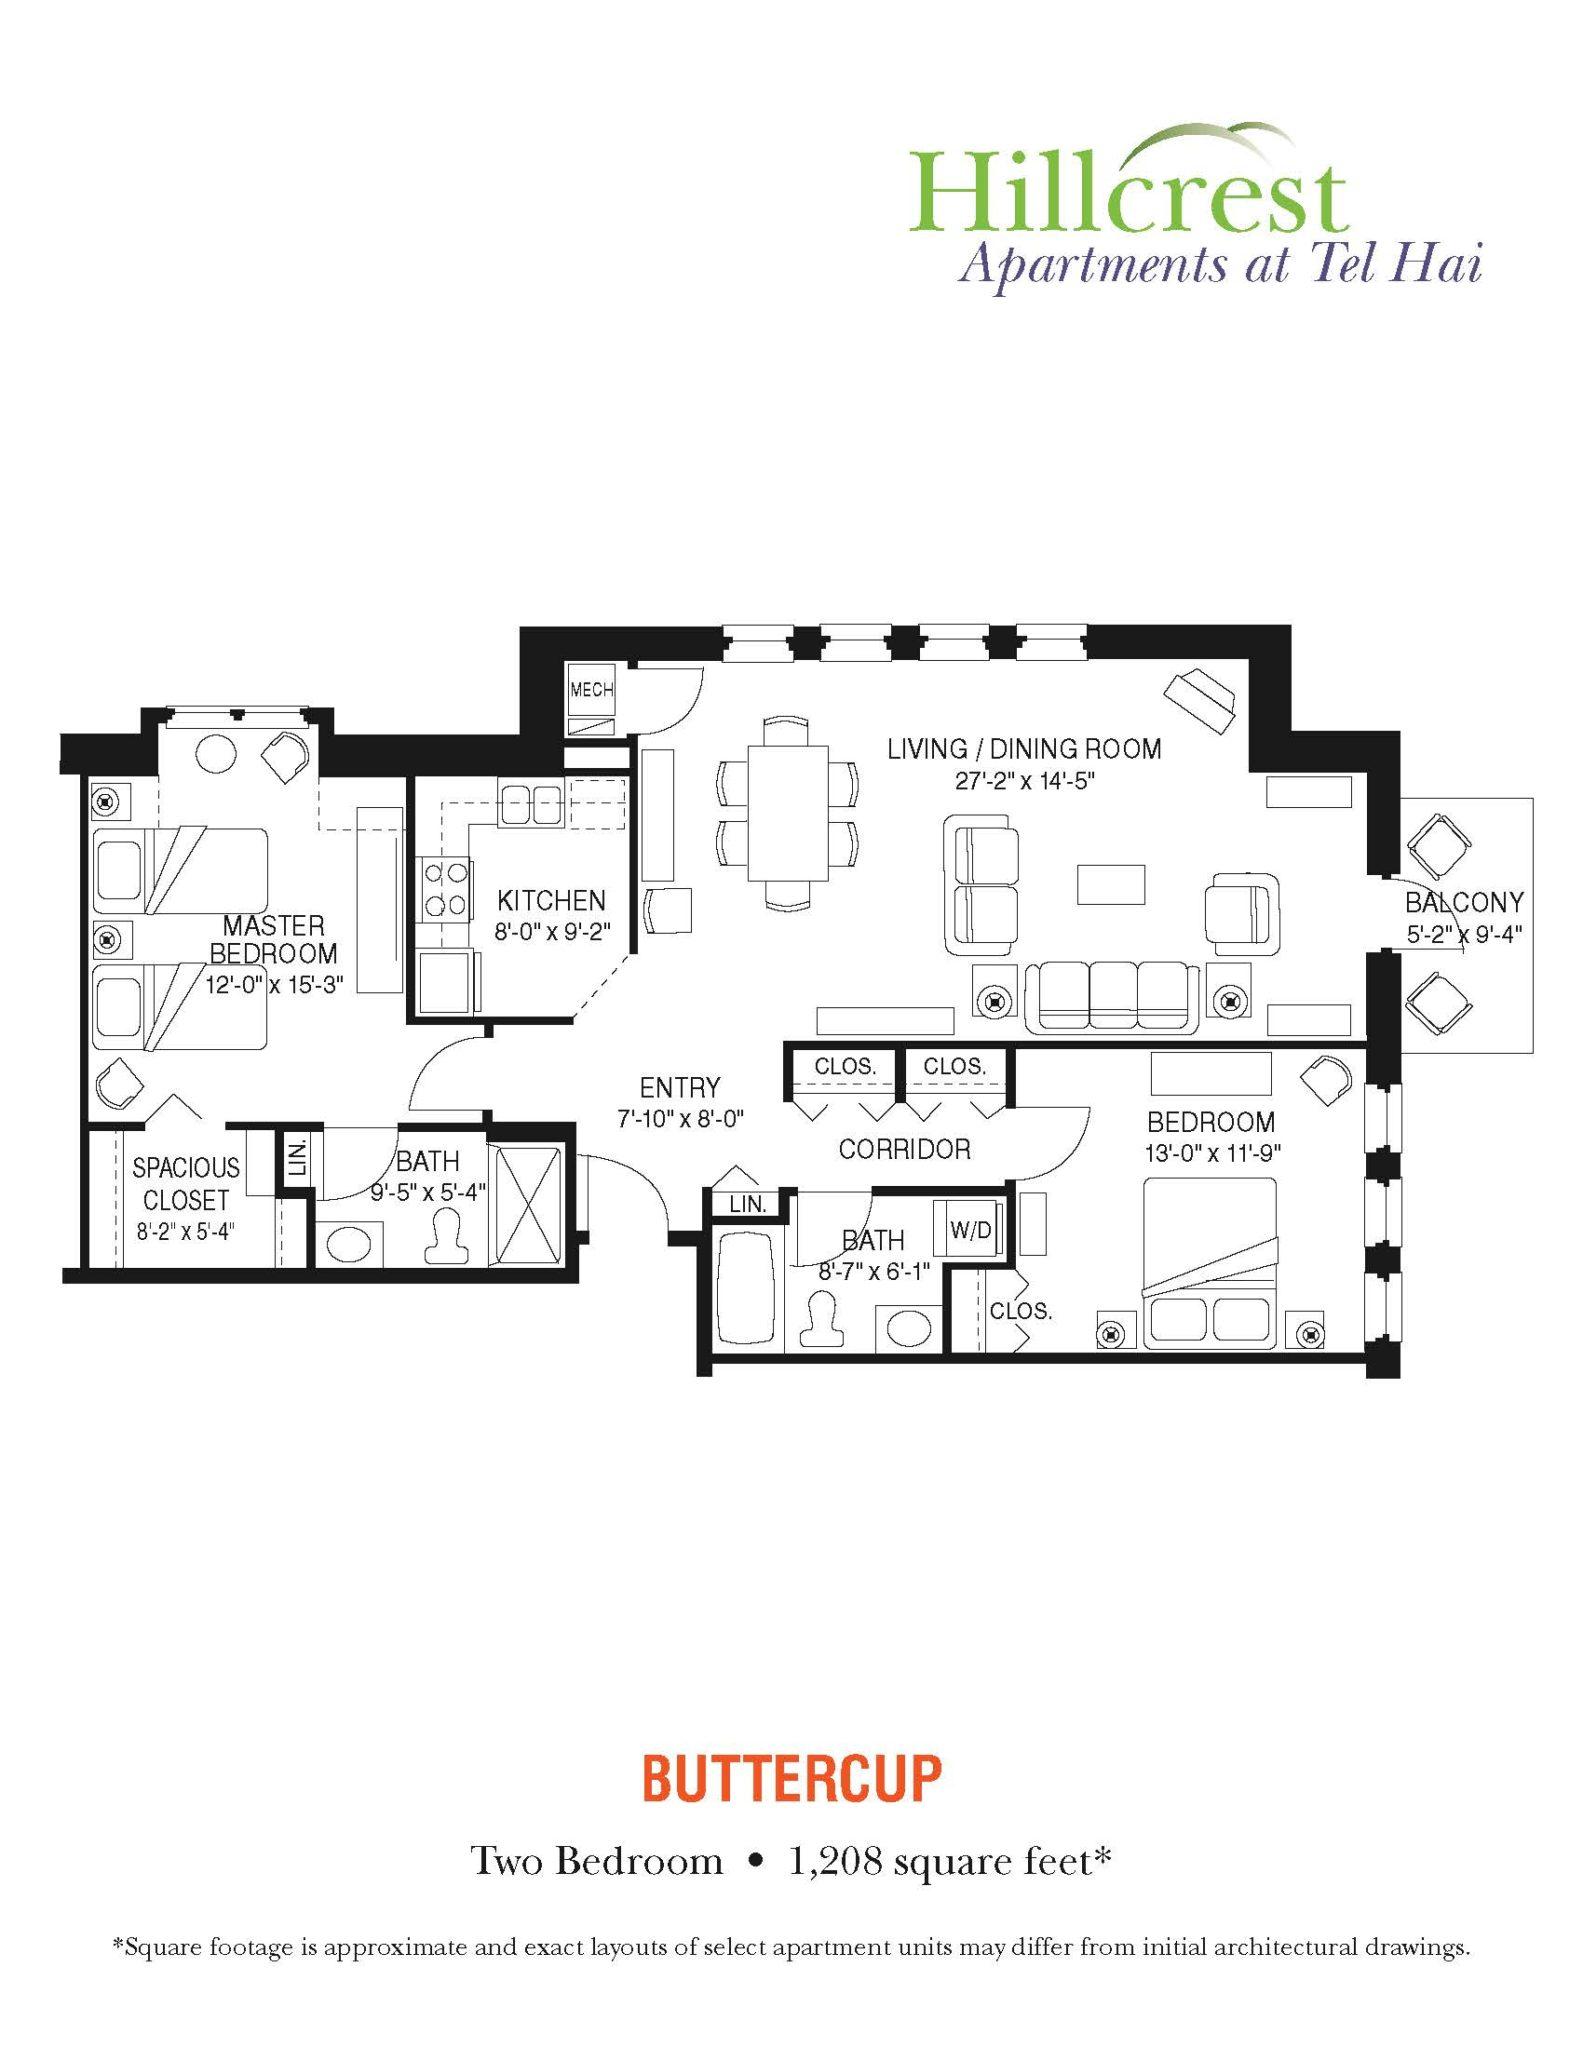 Buttercup Apartment at Tel Hai